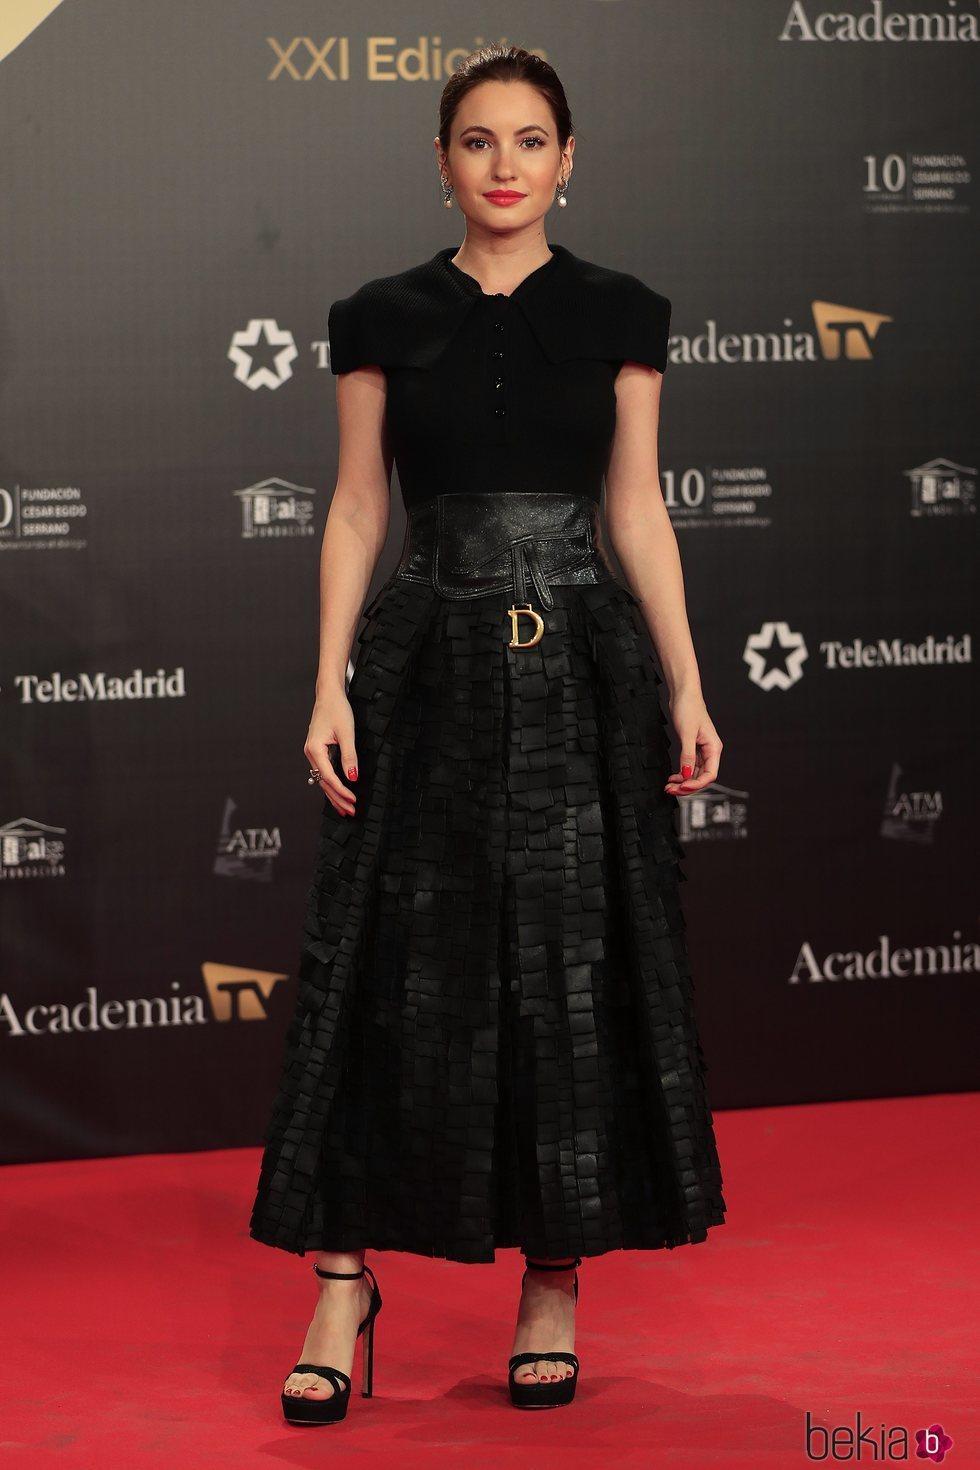 Ivana Vaquero en la alfombra roja de los Premios Iris 2019